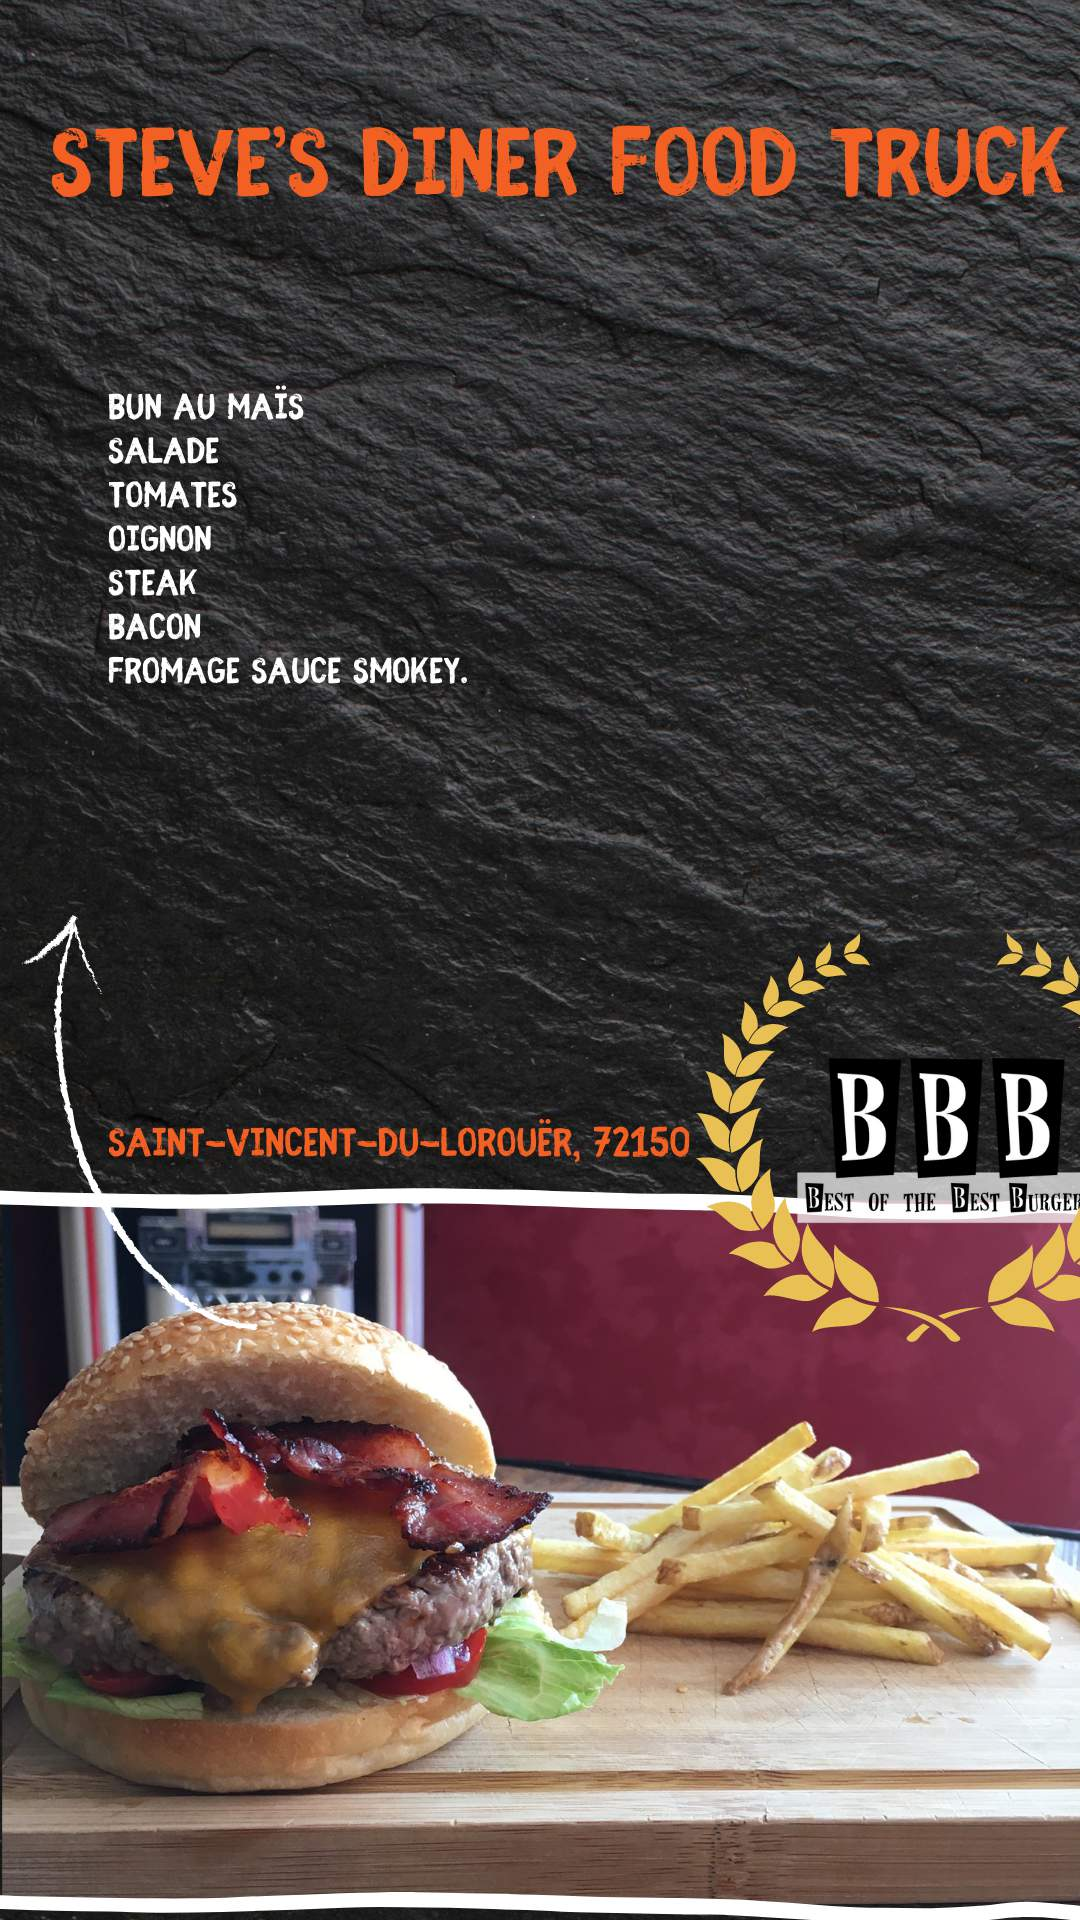 Burger du Steve's Diner Food Truck